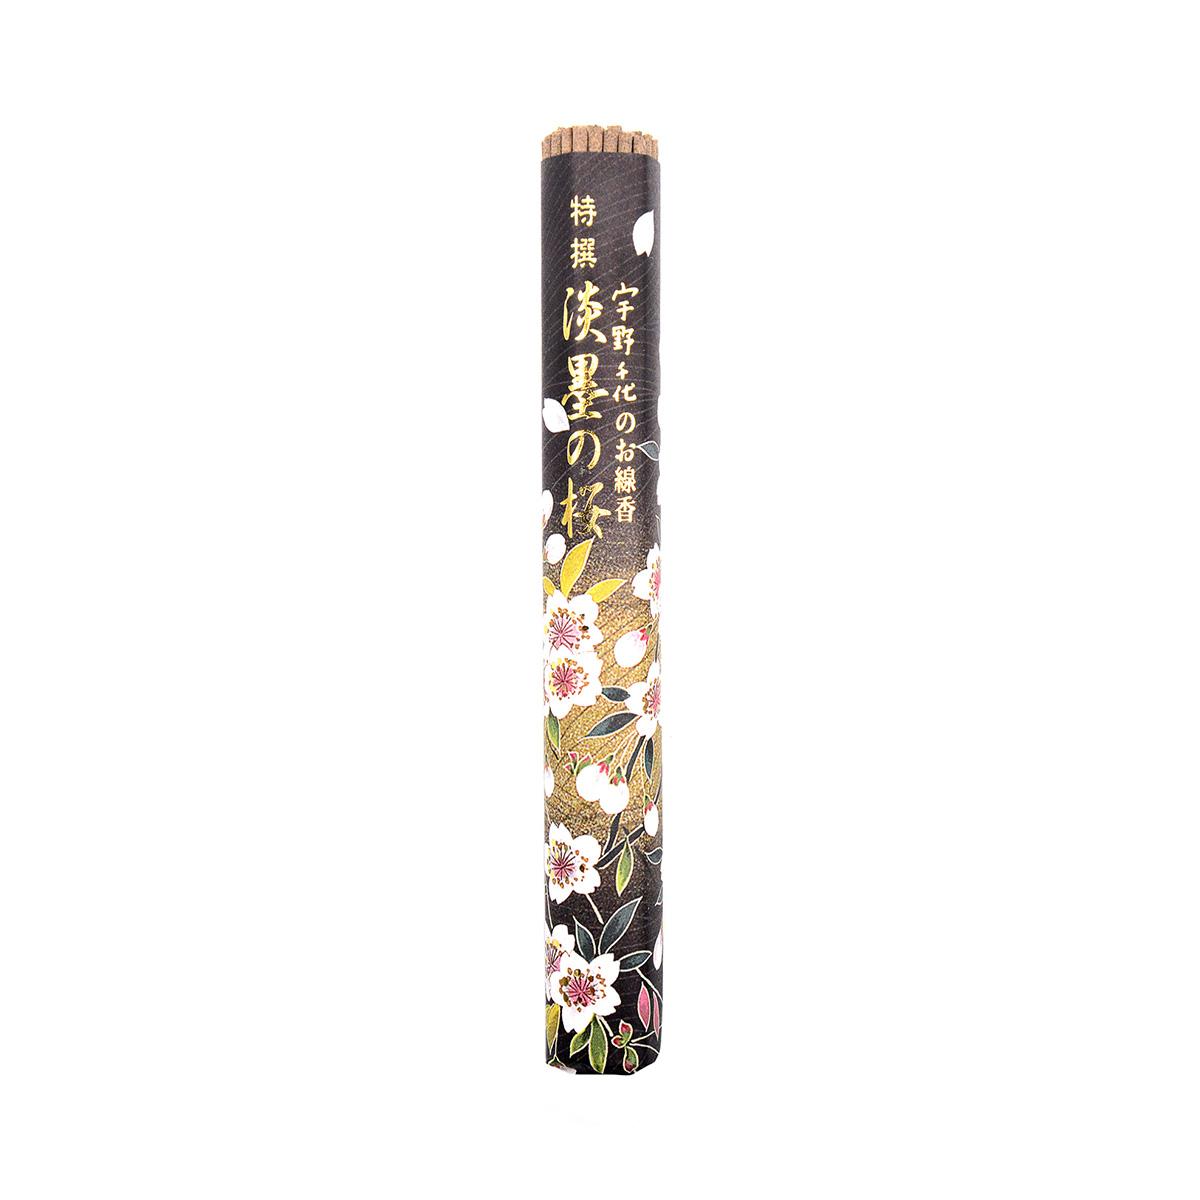 Ujichiyo cherry blossom incense